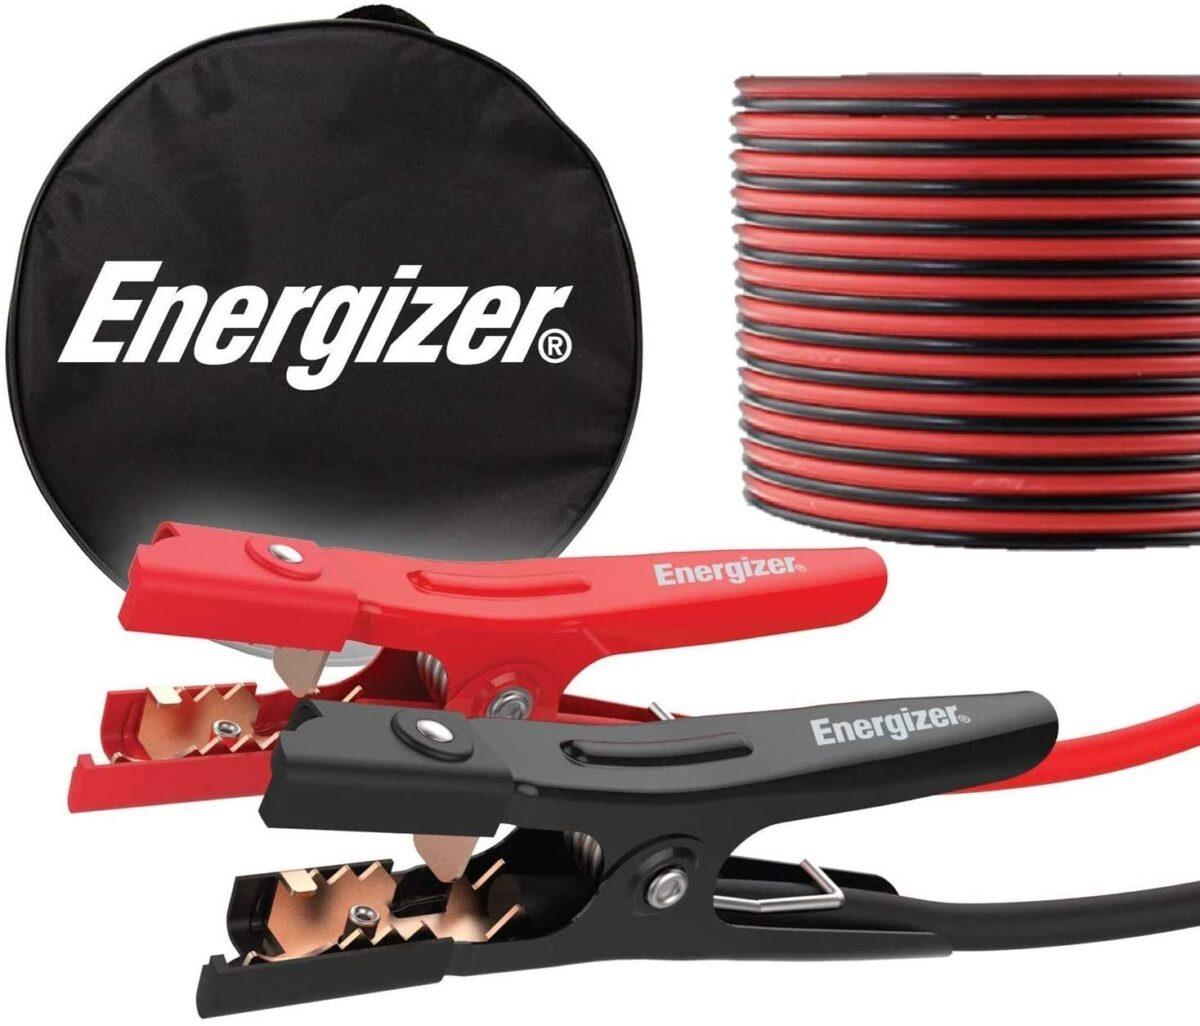 Energizer jumper cables road trip necessities